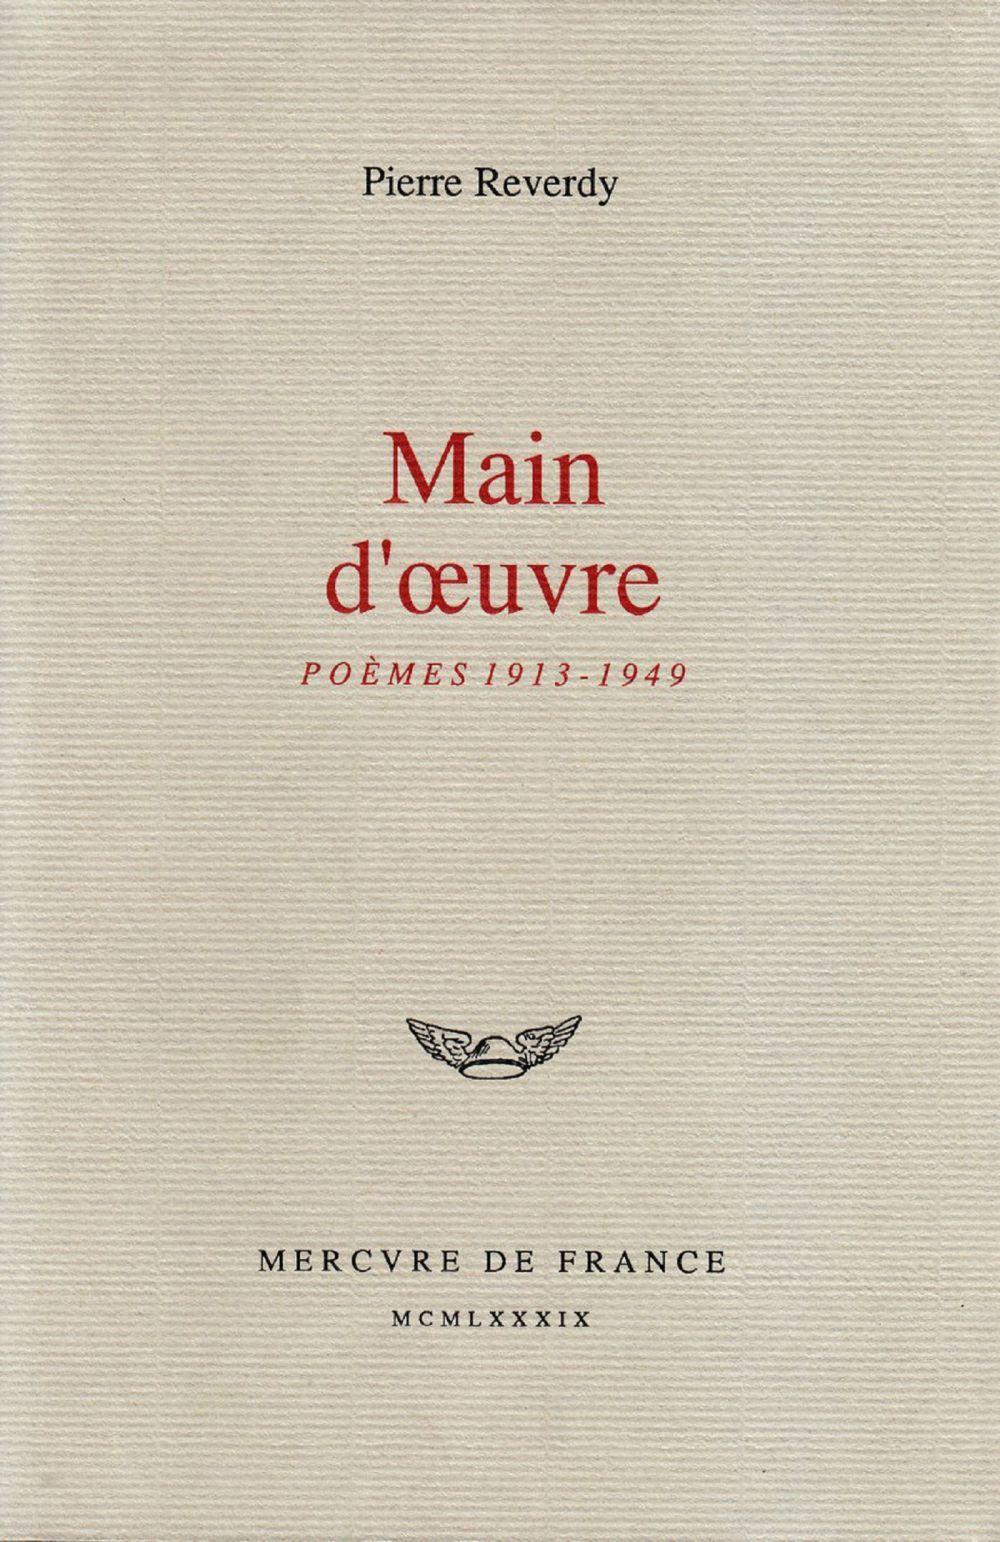 Main d'oeuvre. Poèmes (1913-1949)